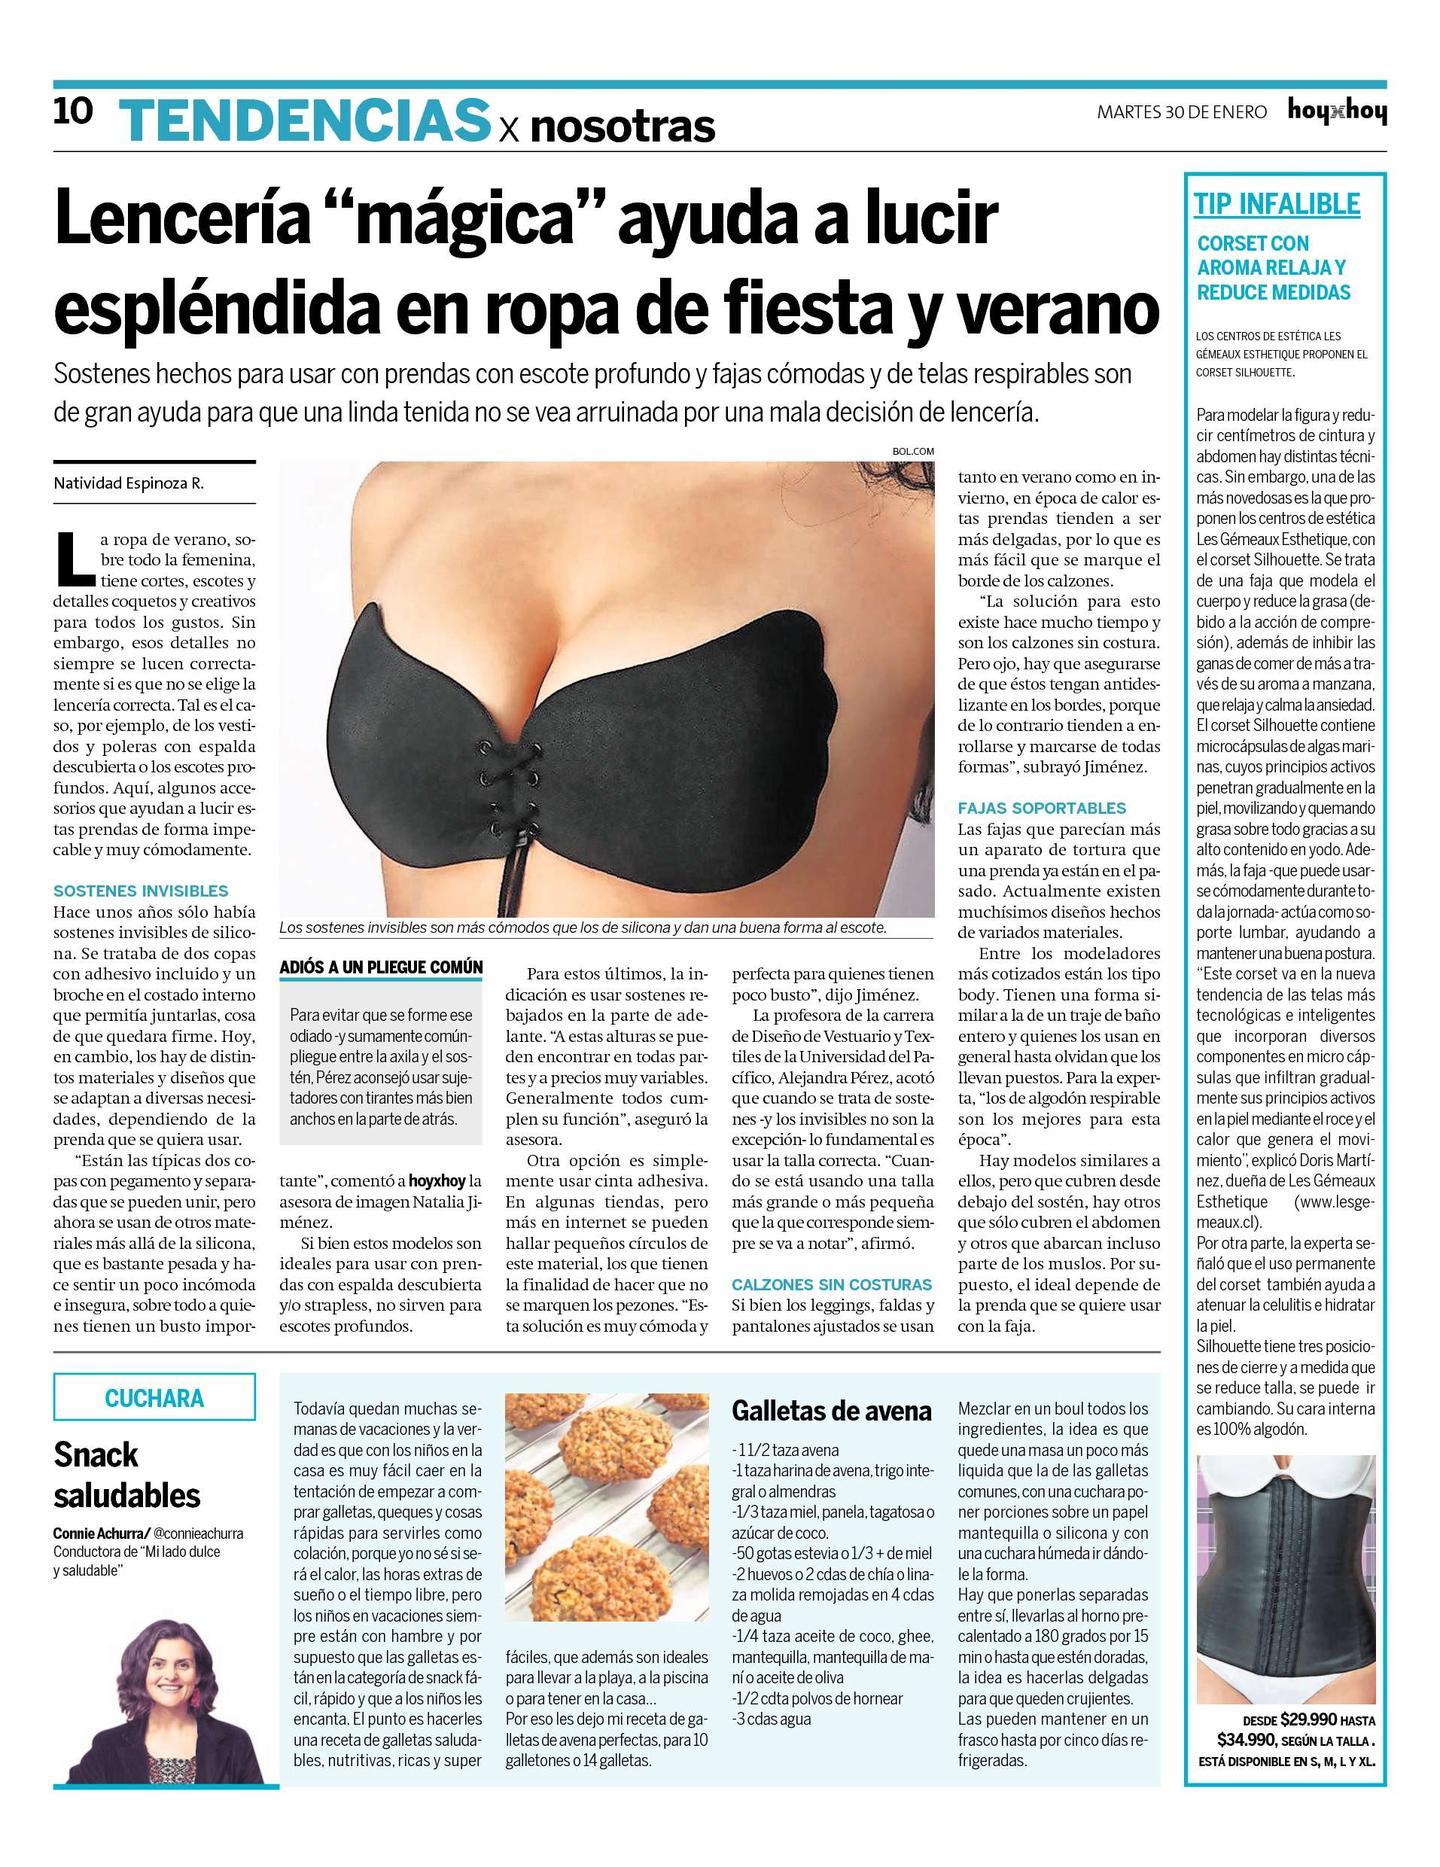 Página 10   hoyxhoy.cl - HoyxHoy, el diario que no tiene precio ...